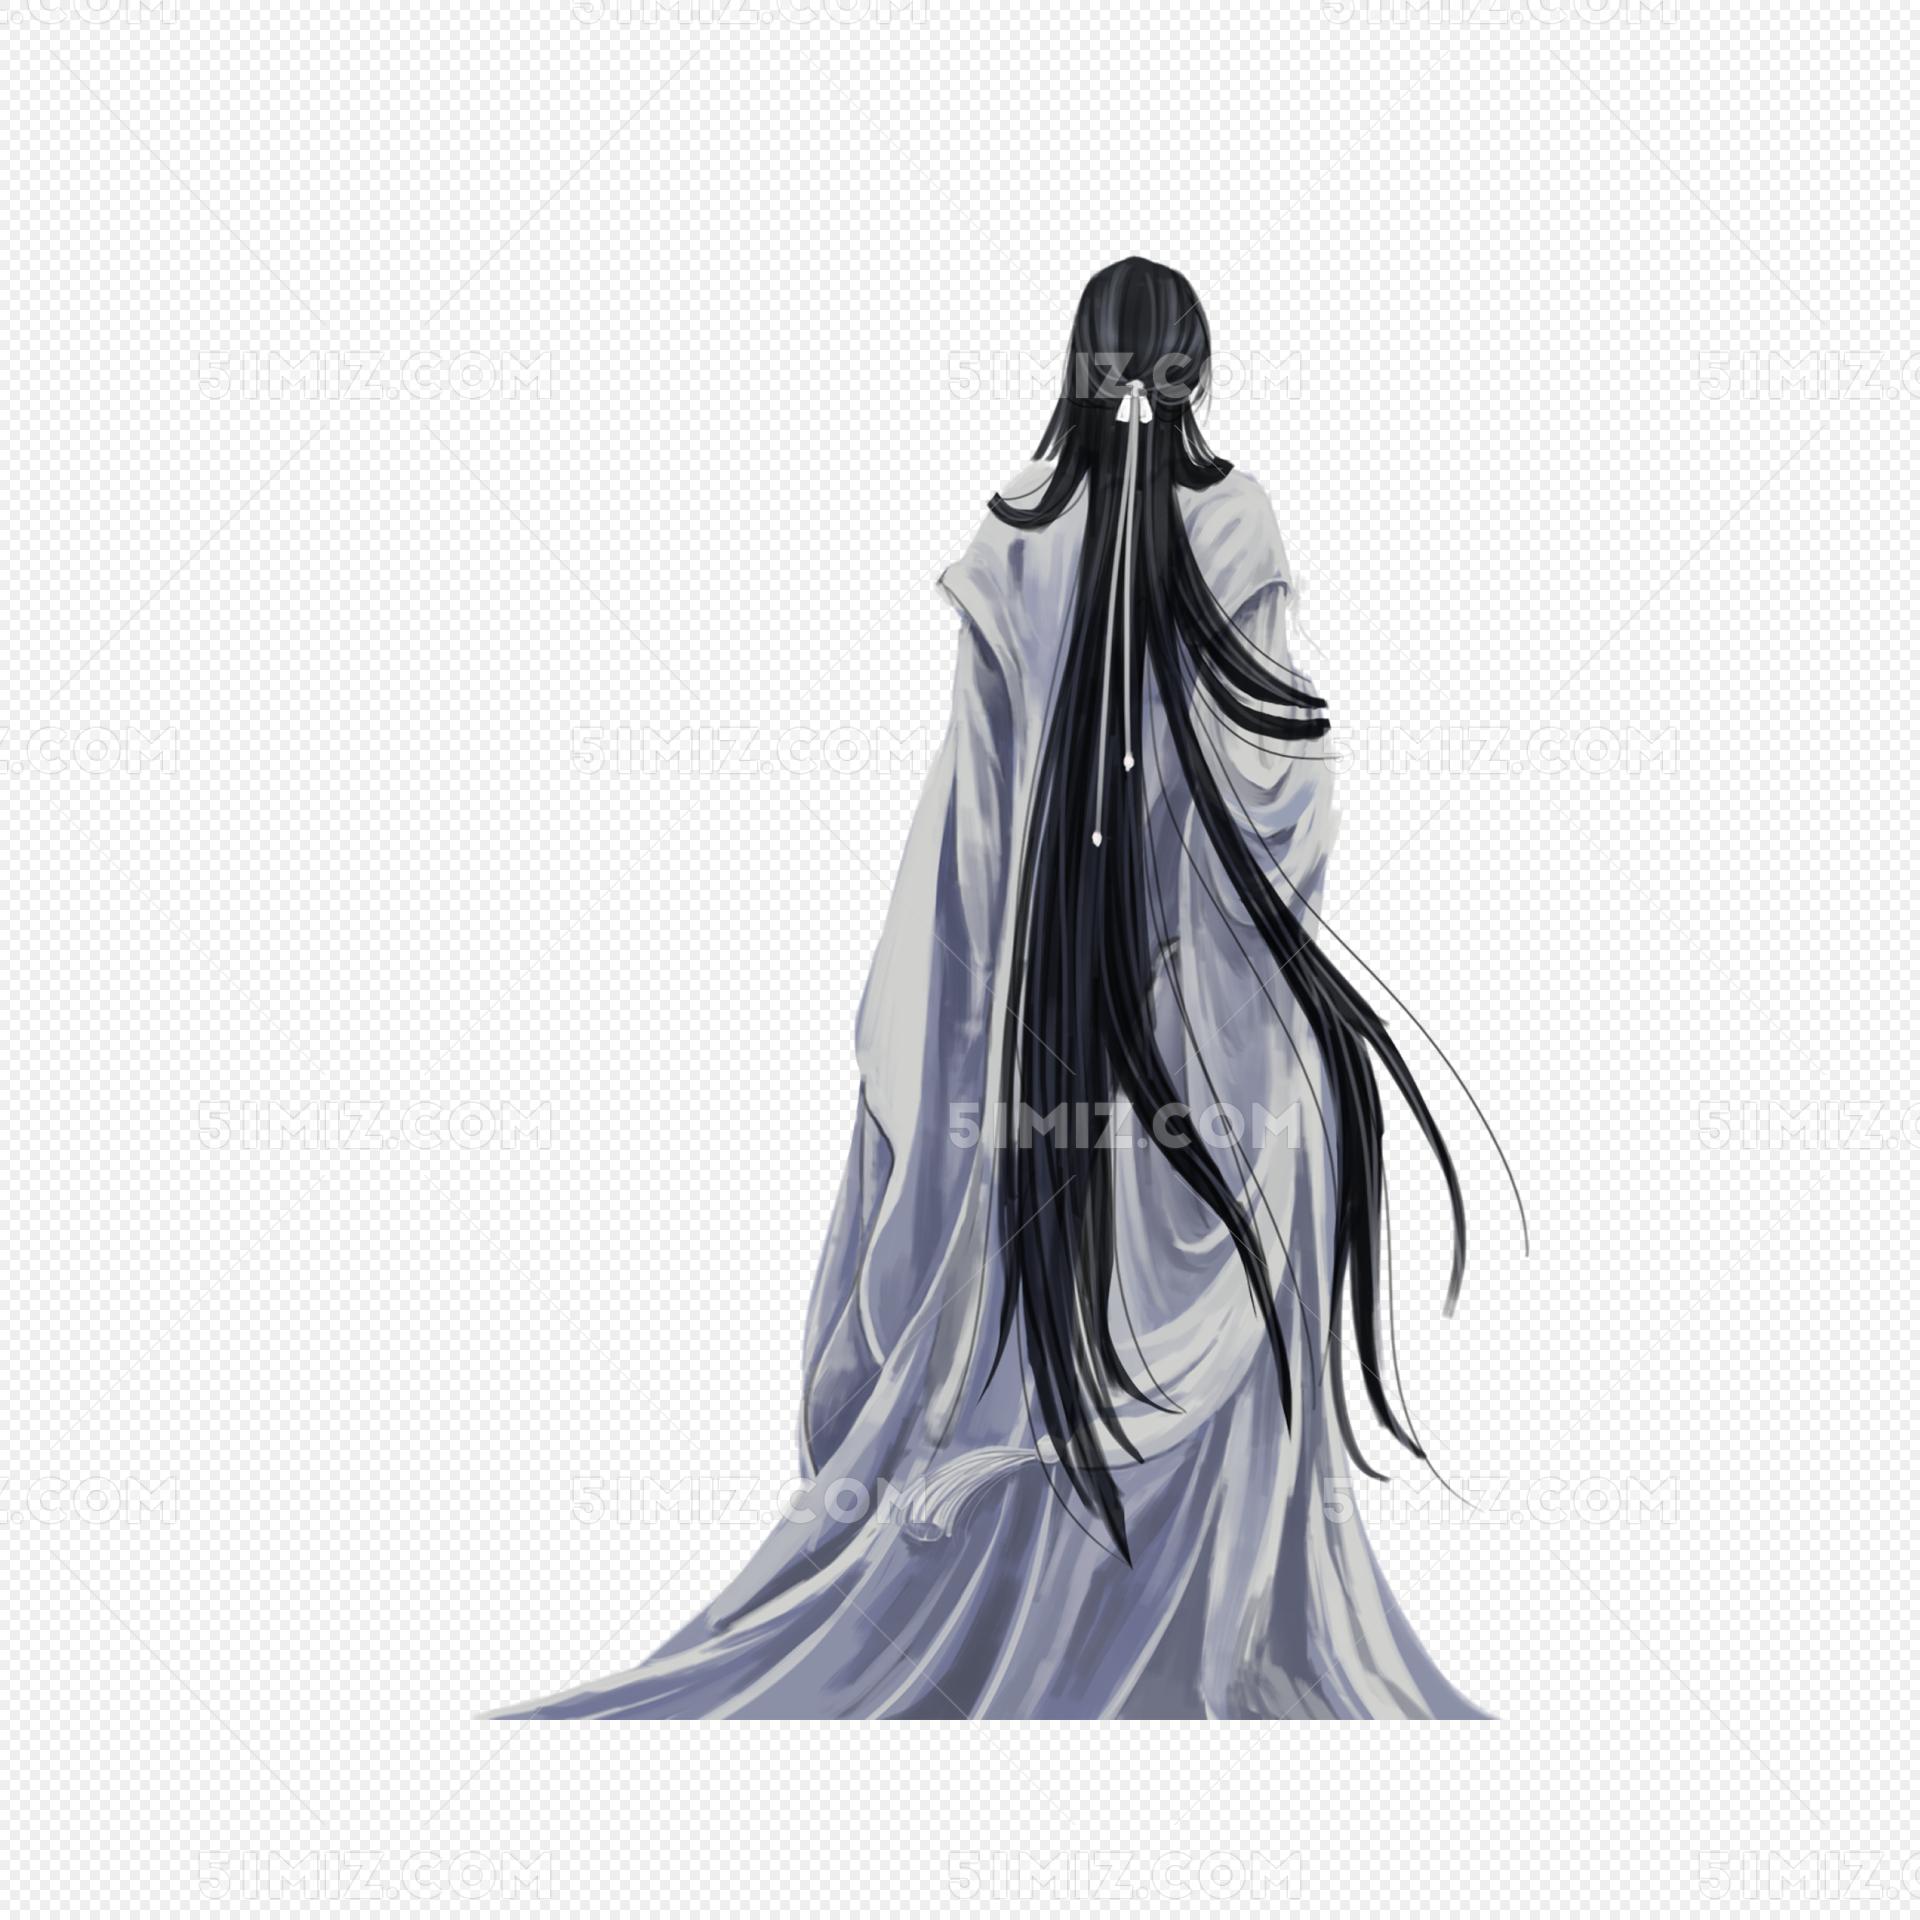 白衣女子撑伞古风图_古风白衣男子背影手绘PNG图片素材免费下载_觅知网